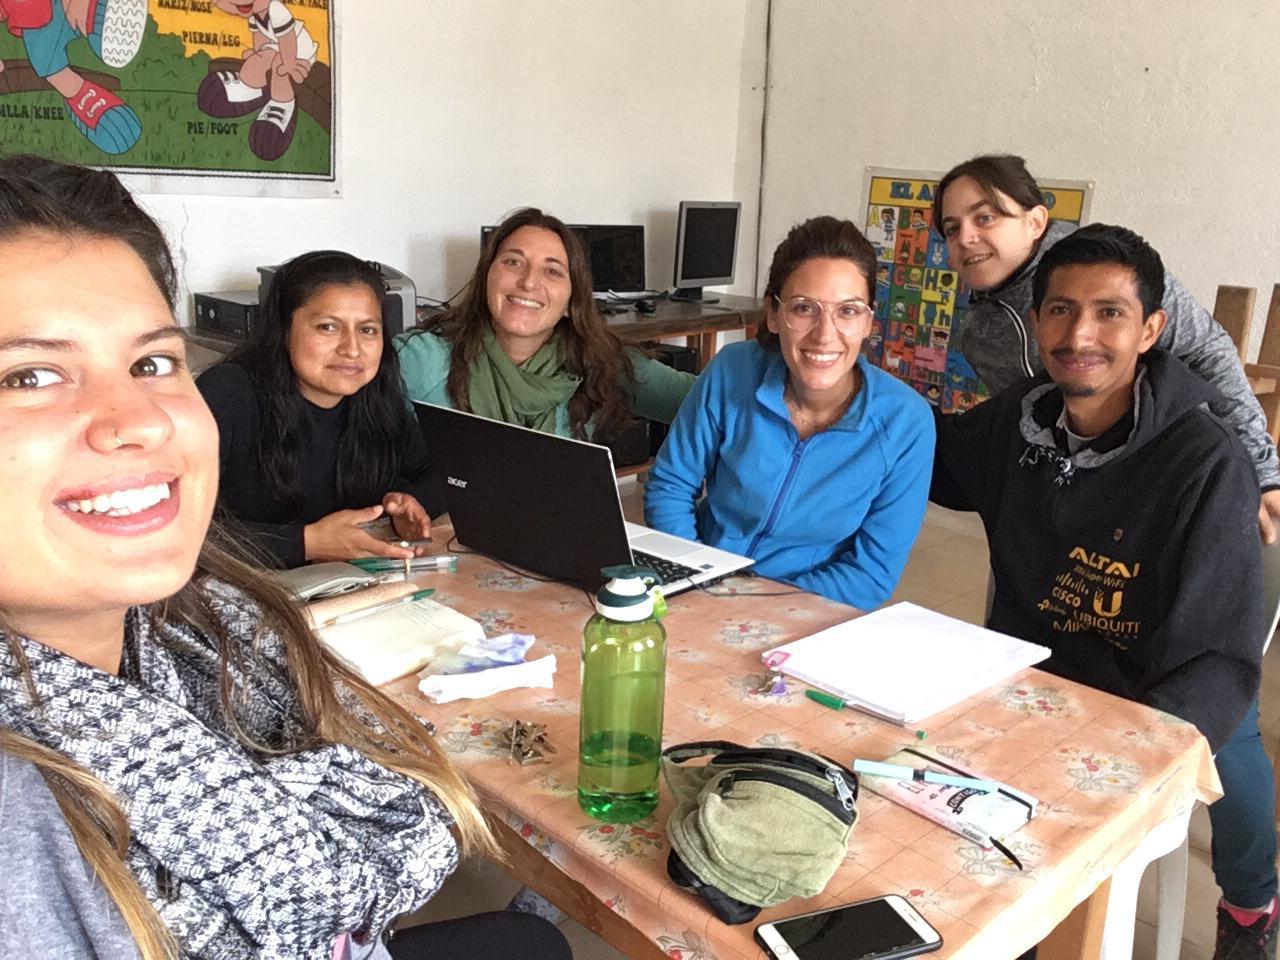 2019-07-29 at 21.05.36 - Mexico